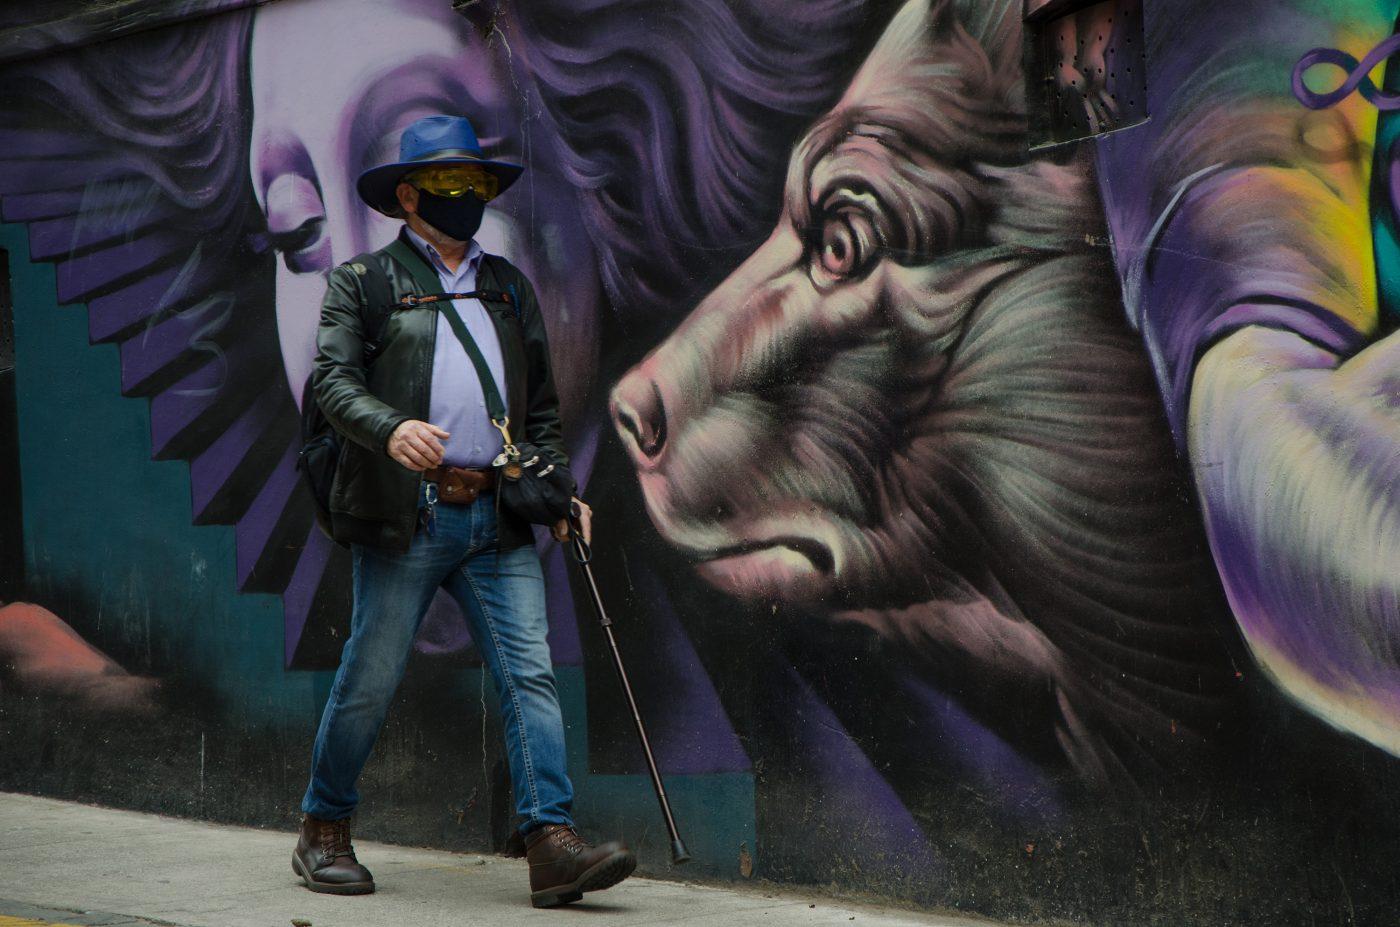 Die Maskerade des Ausnahmezustands